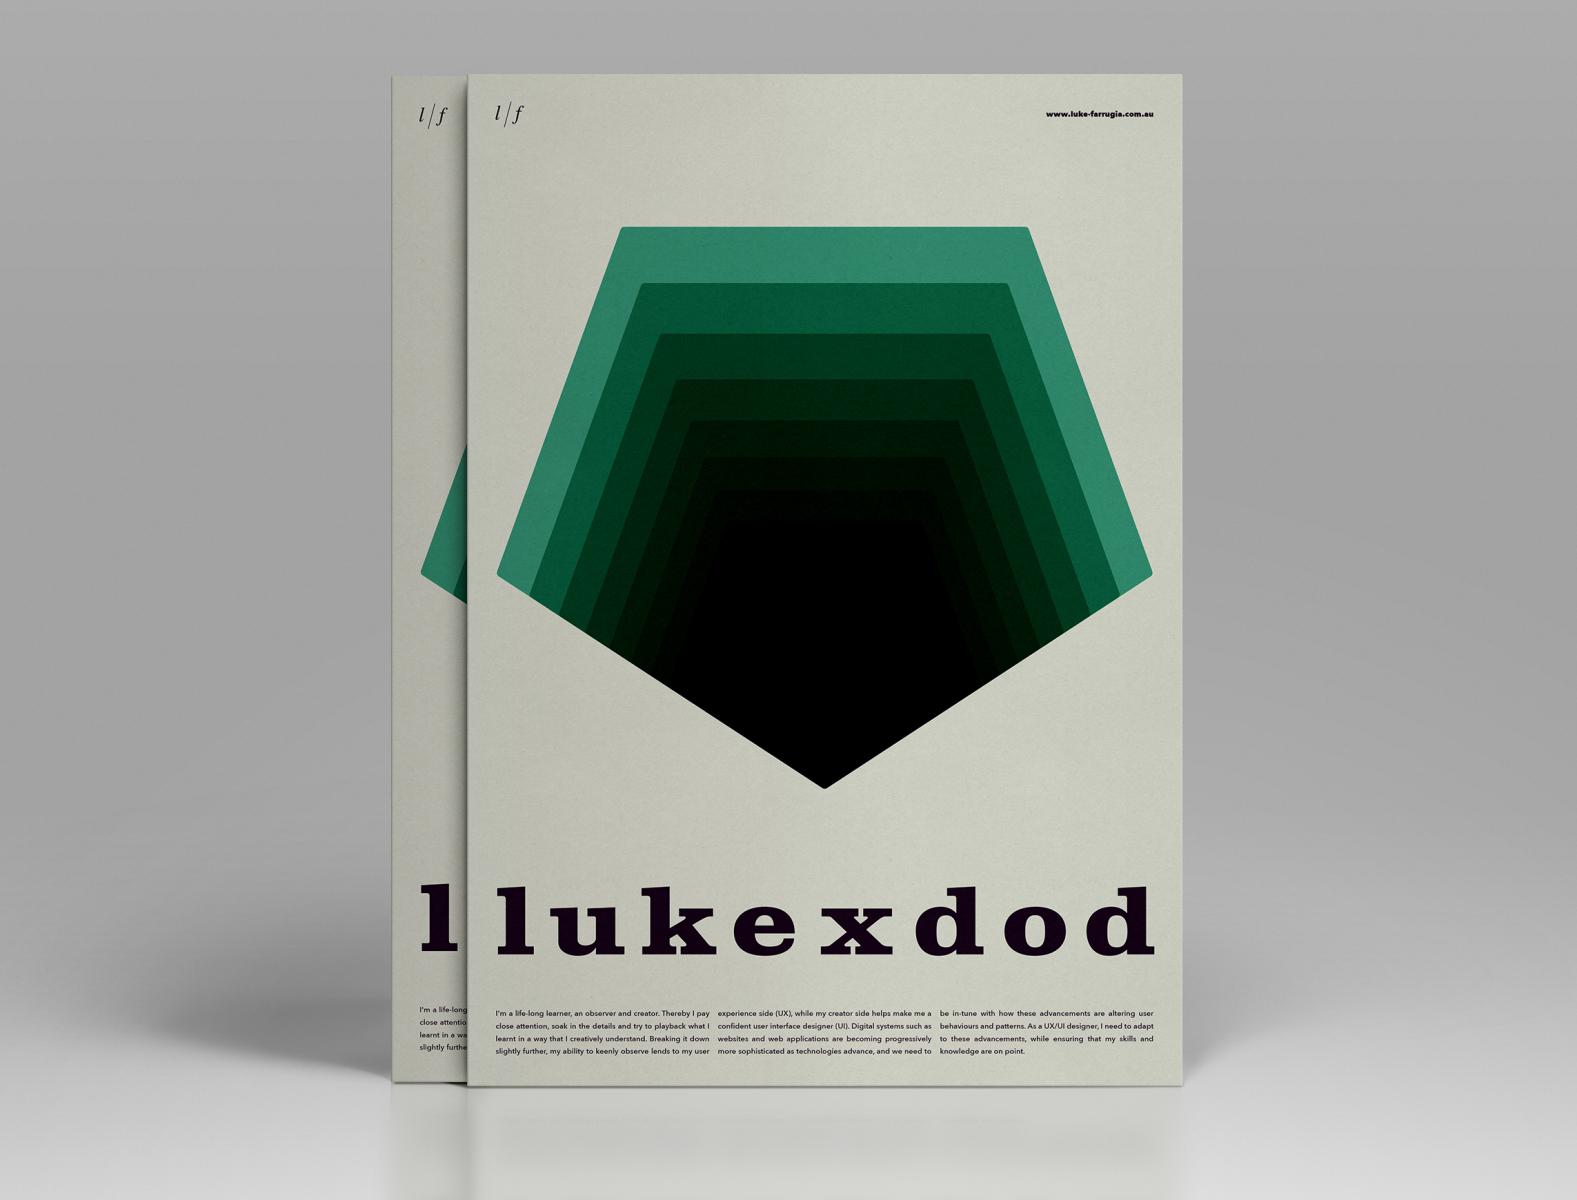 Typographic resume posters